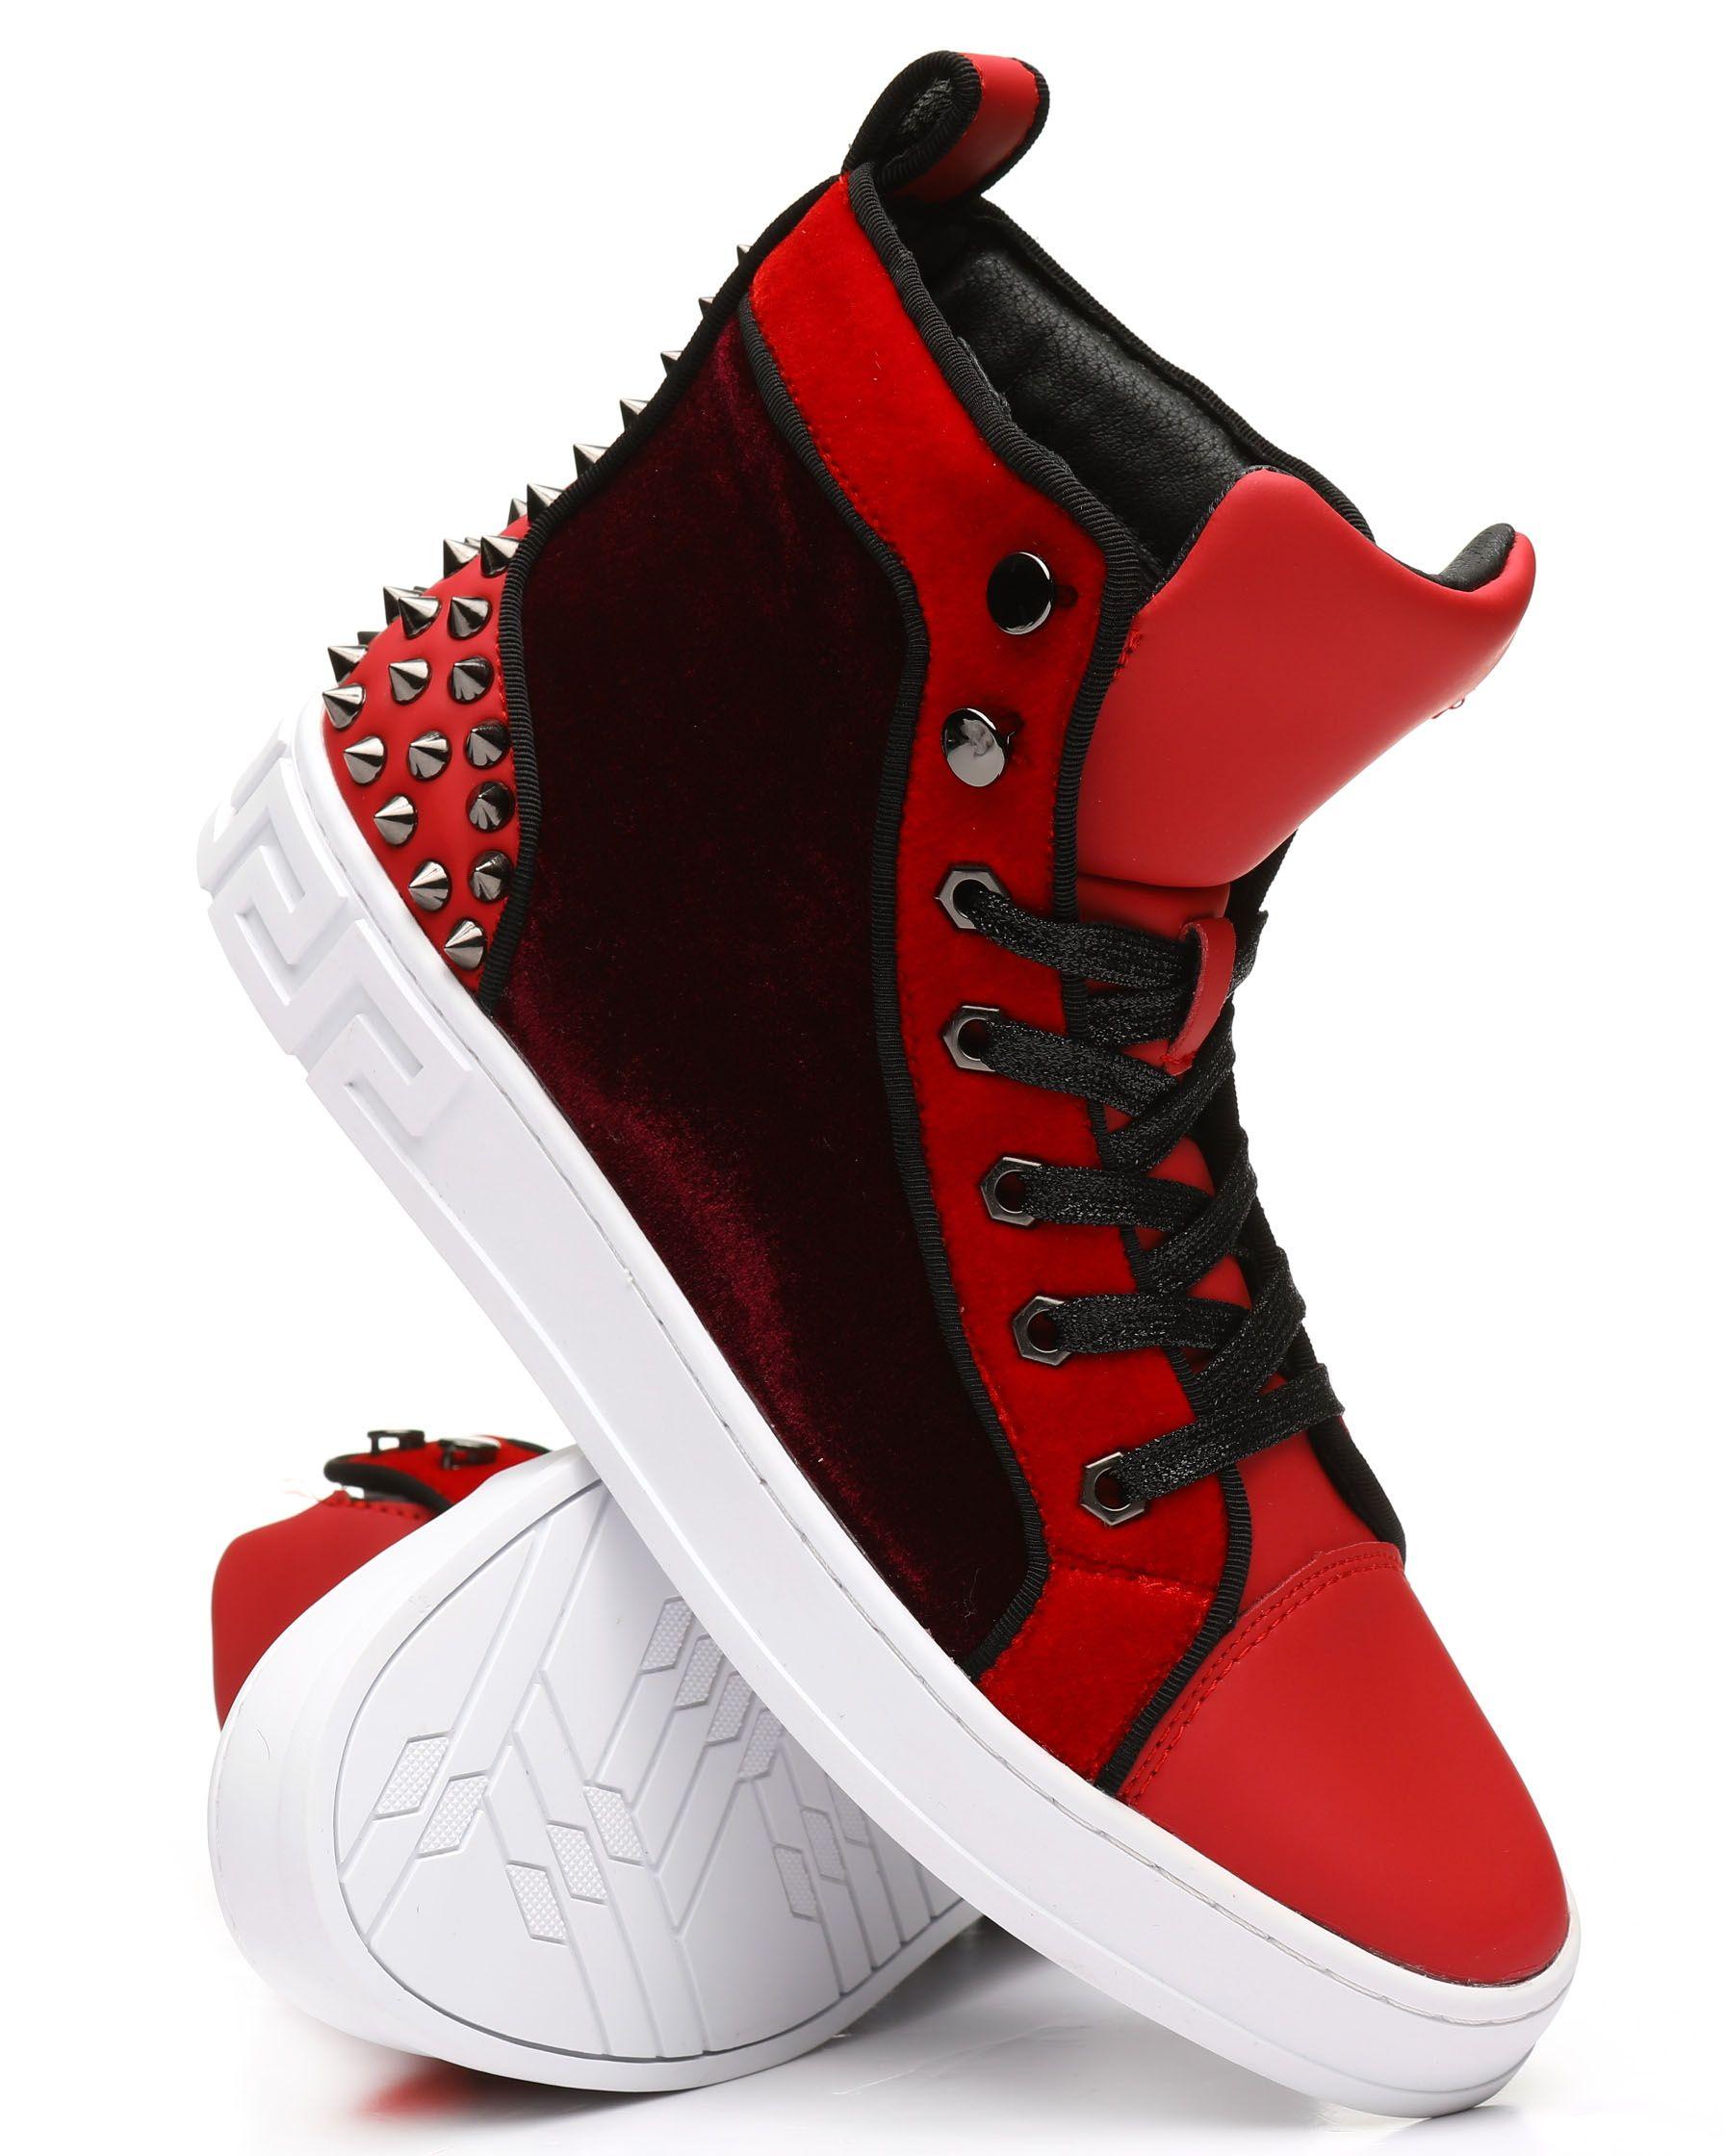 High Top Velvet Studded Sneakers from